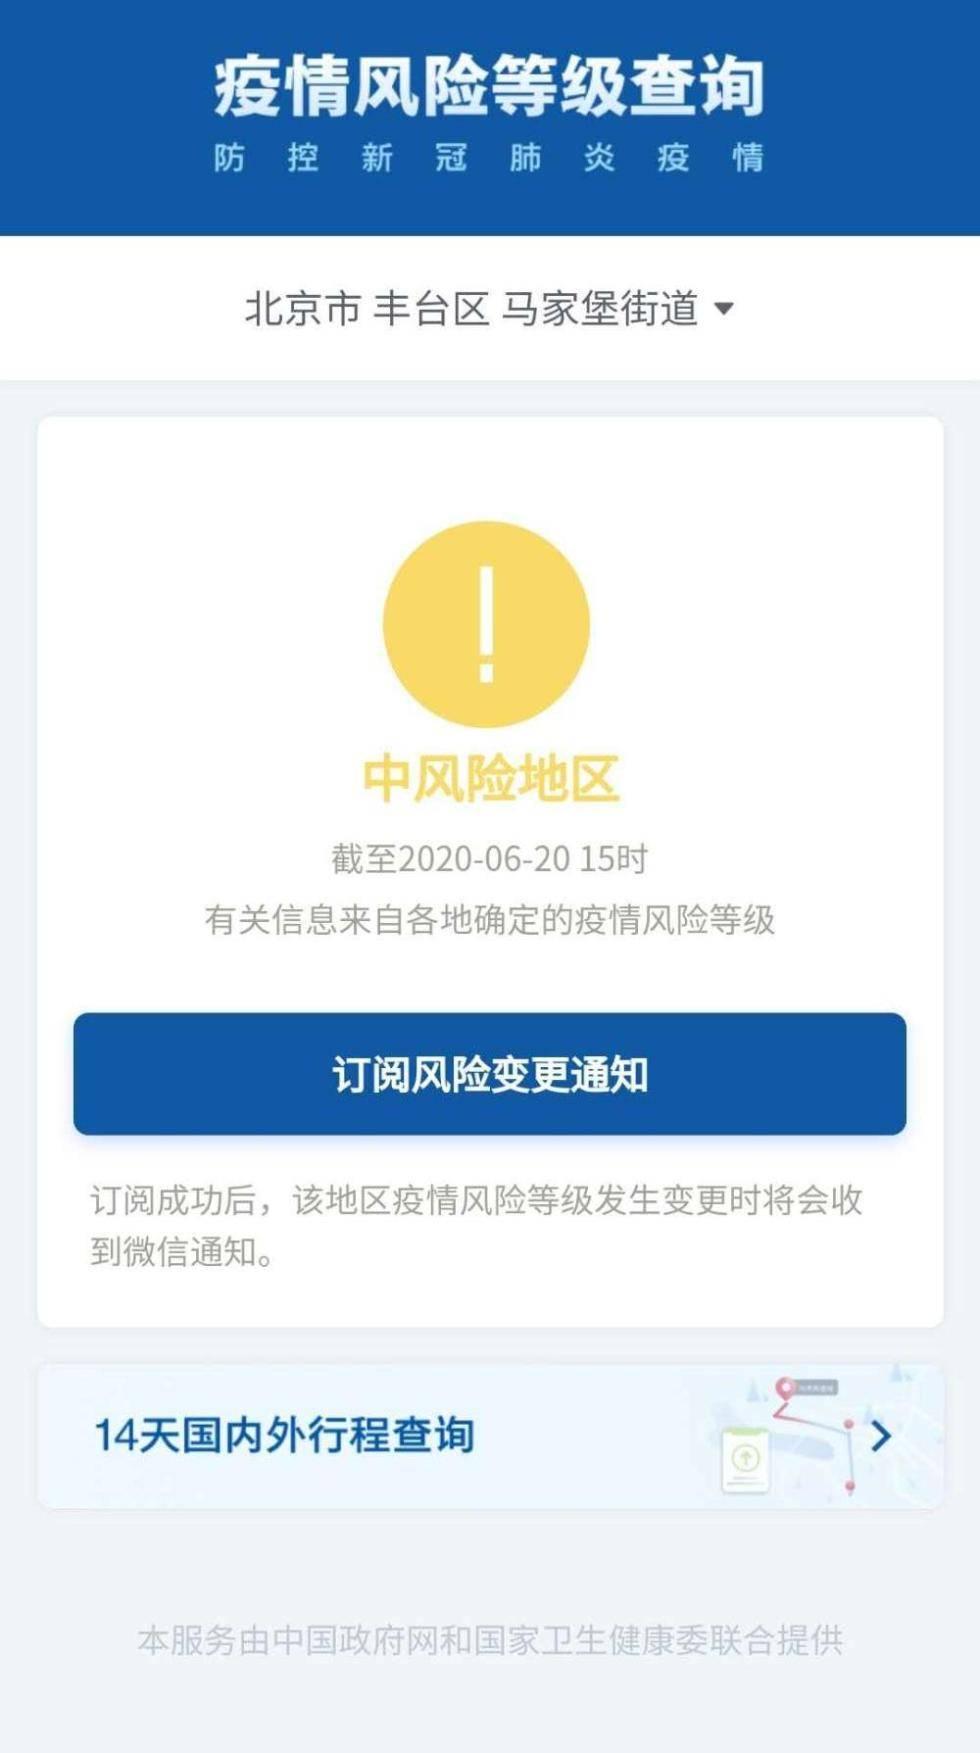 北京豐臺馬家堡街道升級為中風險地區 目前北京2地高風險34地中風險